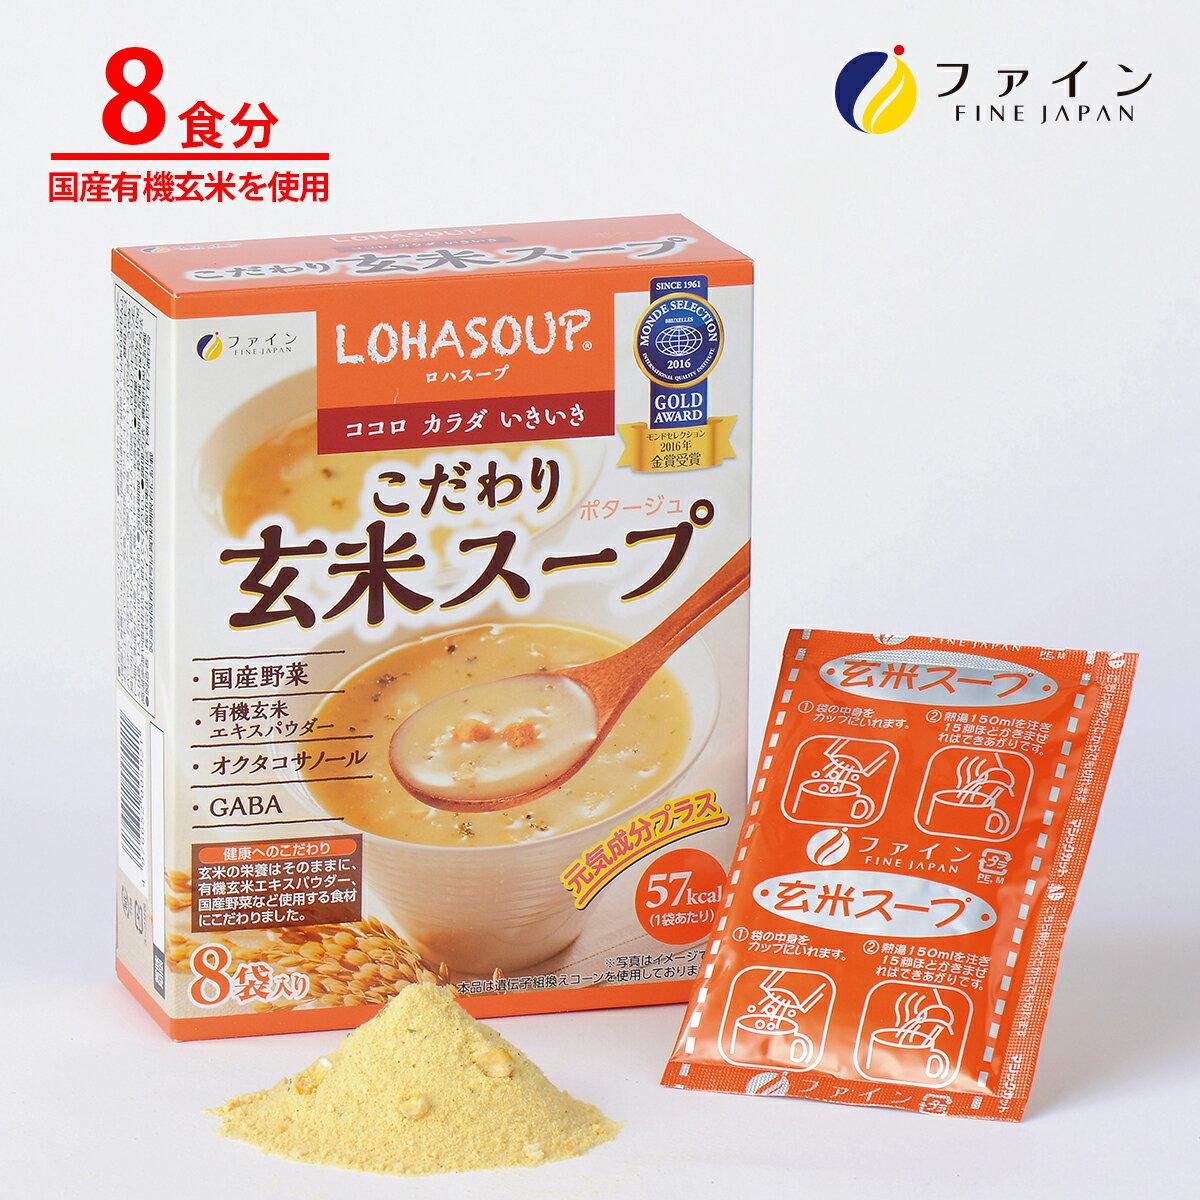 ファイン こだわり玄米スープ 国産有機玄米使用 8食入(箱タイプ)